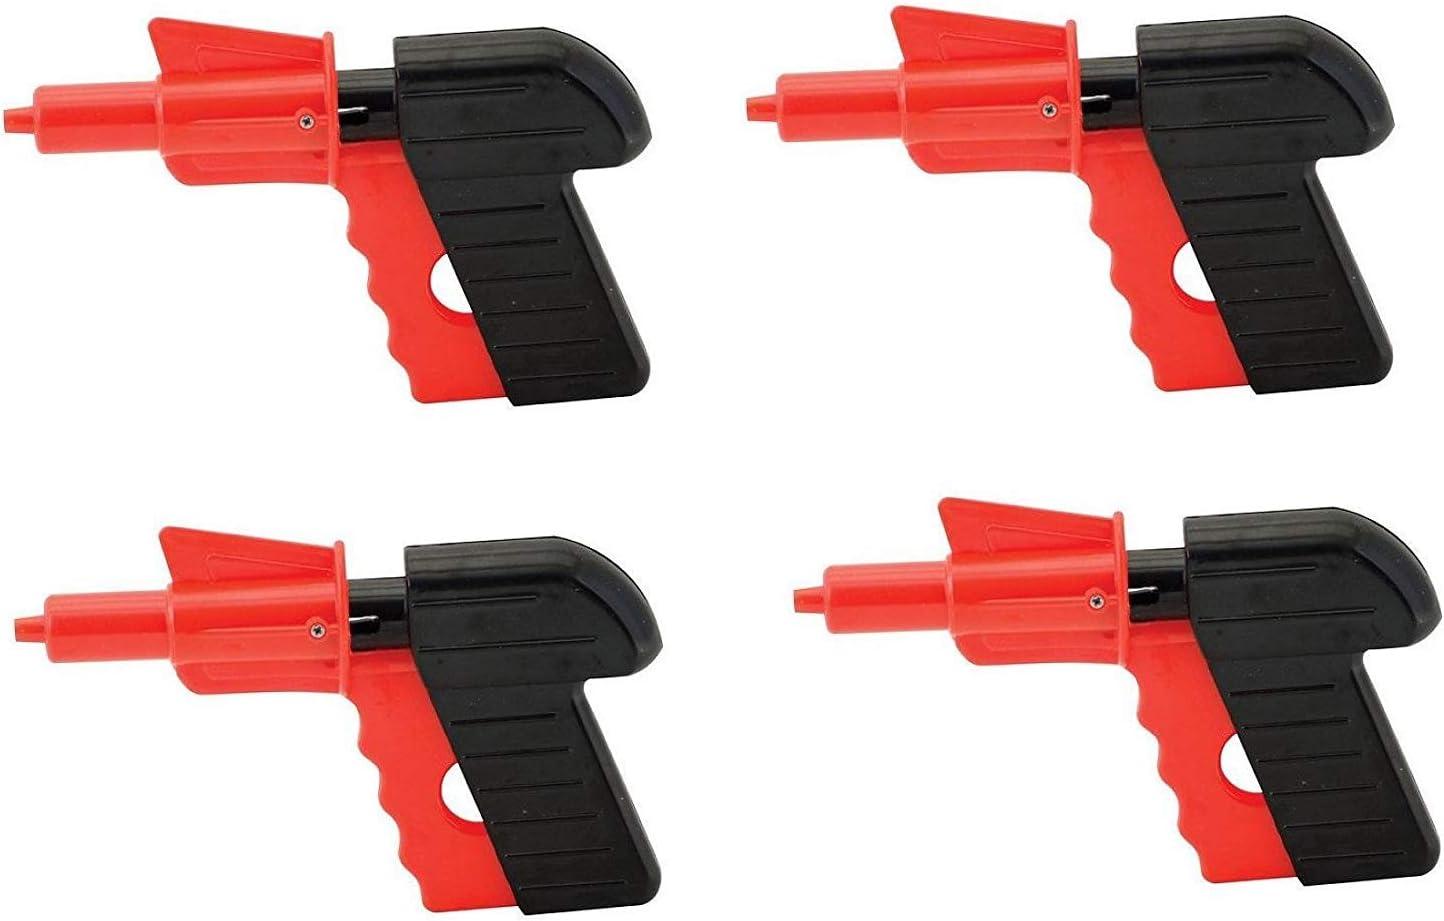 Rhode Island Novelty 6 Inch Potato Gun, Four Pack